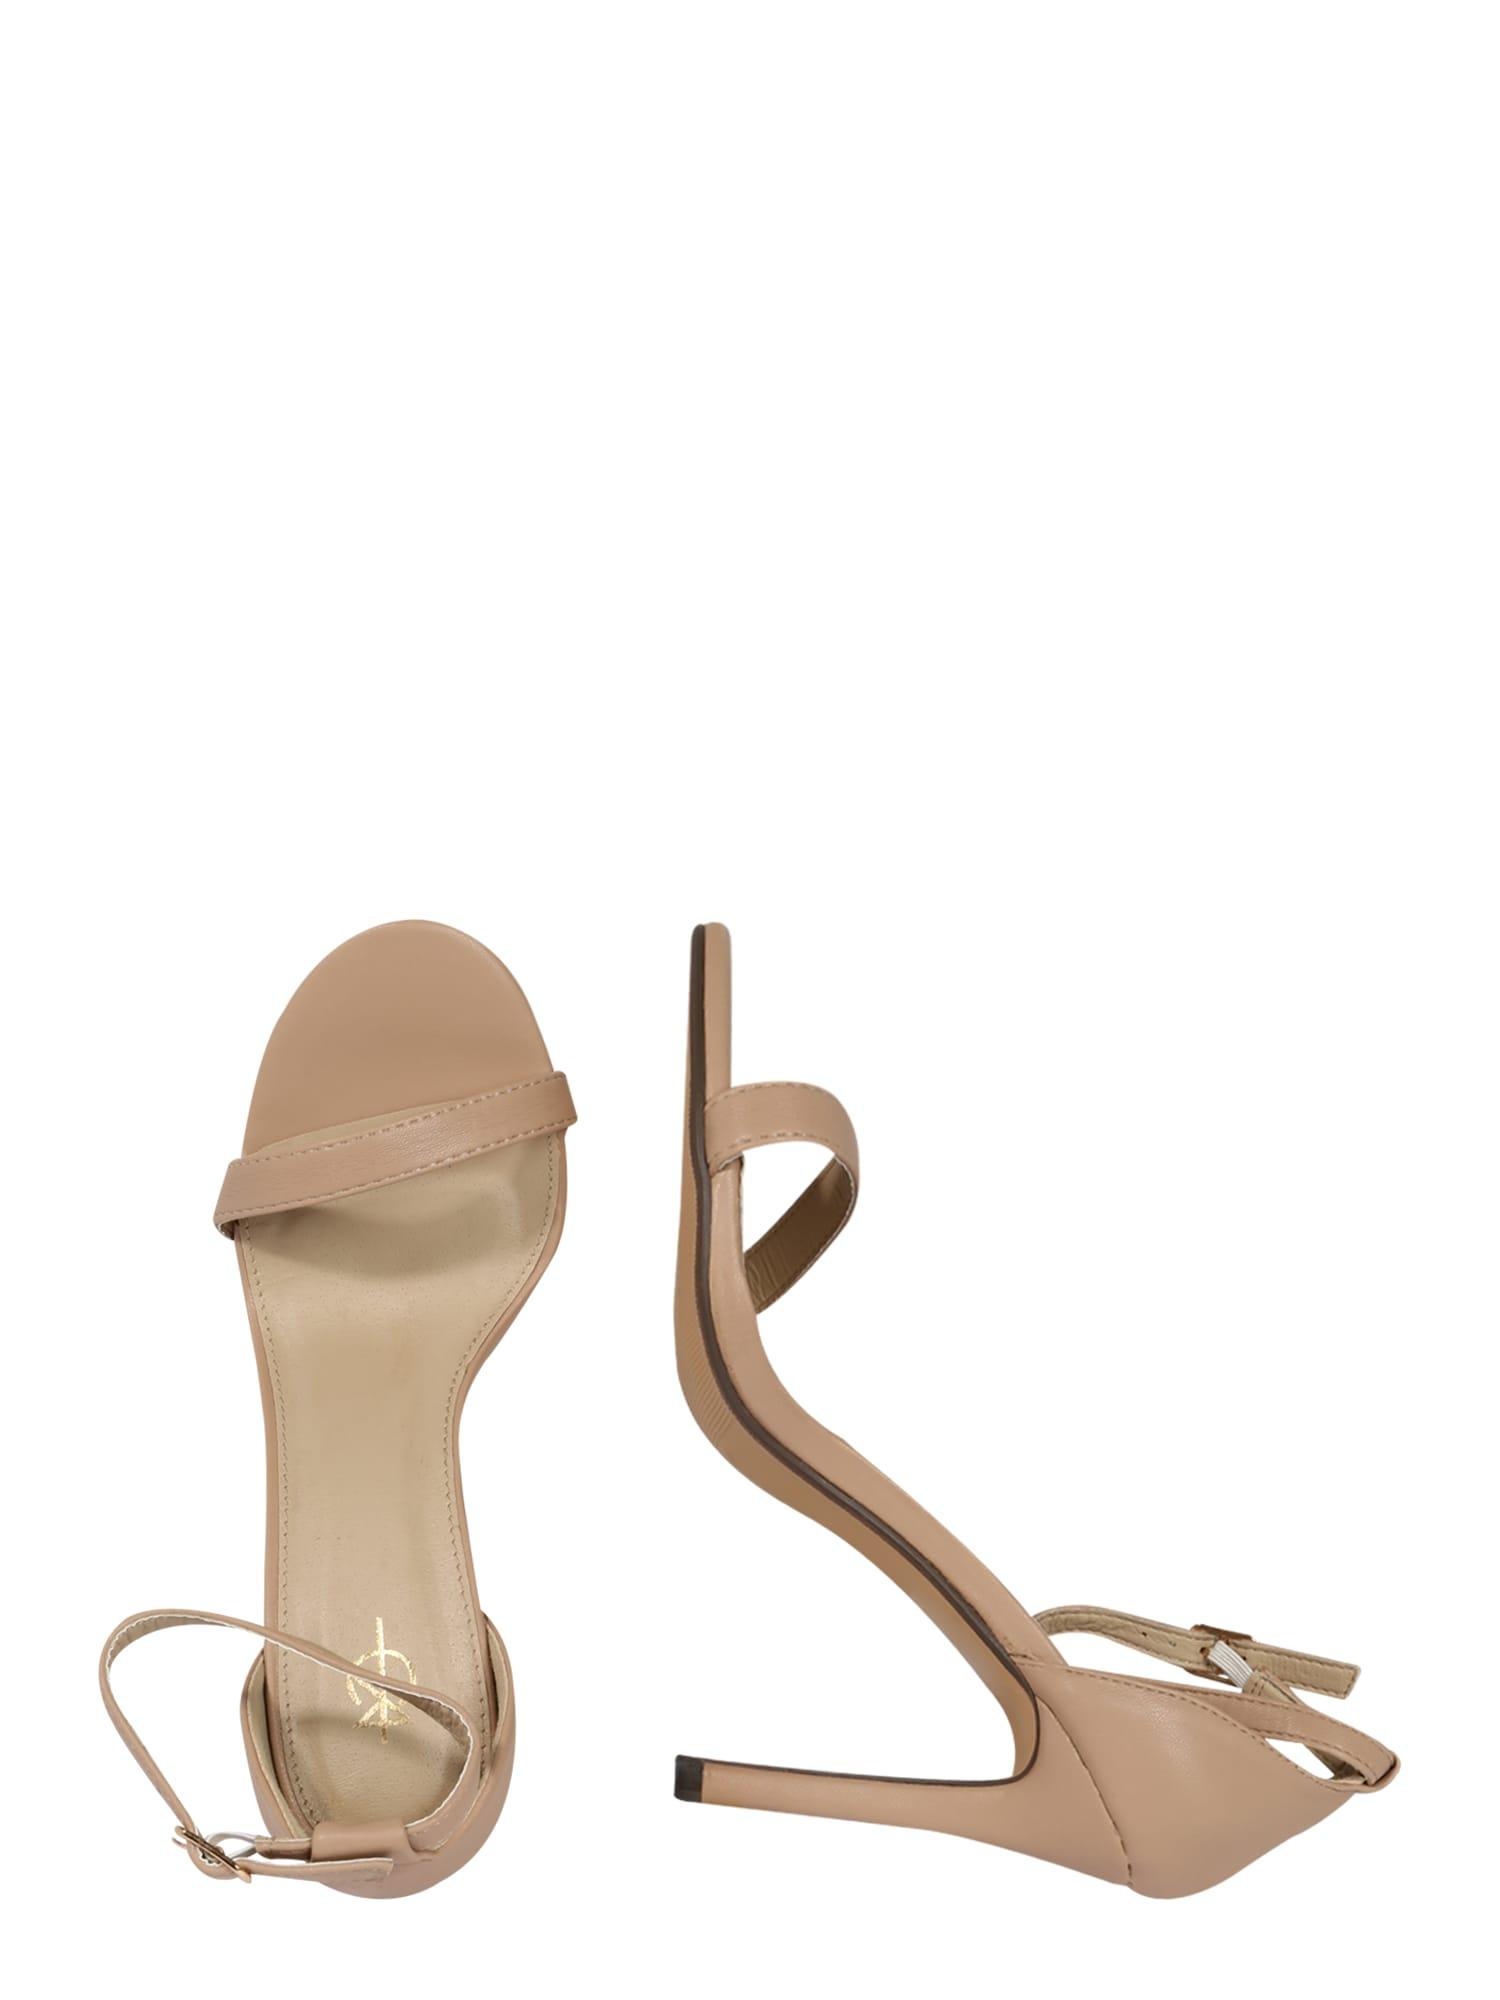 4th & Reckless Sandal 'JASMINE'  nude